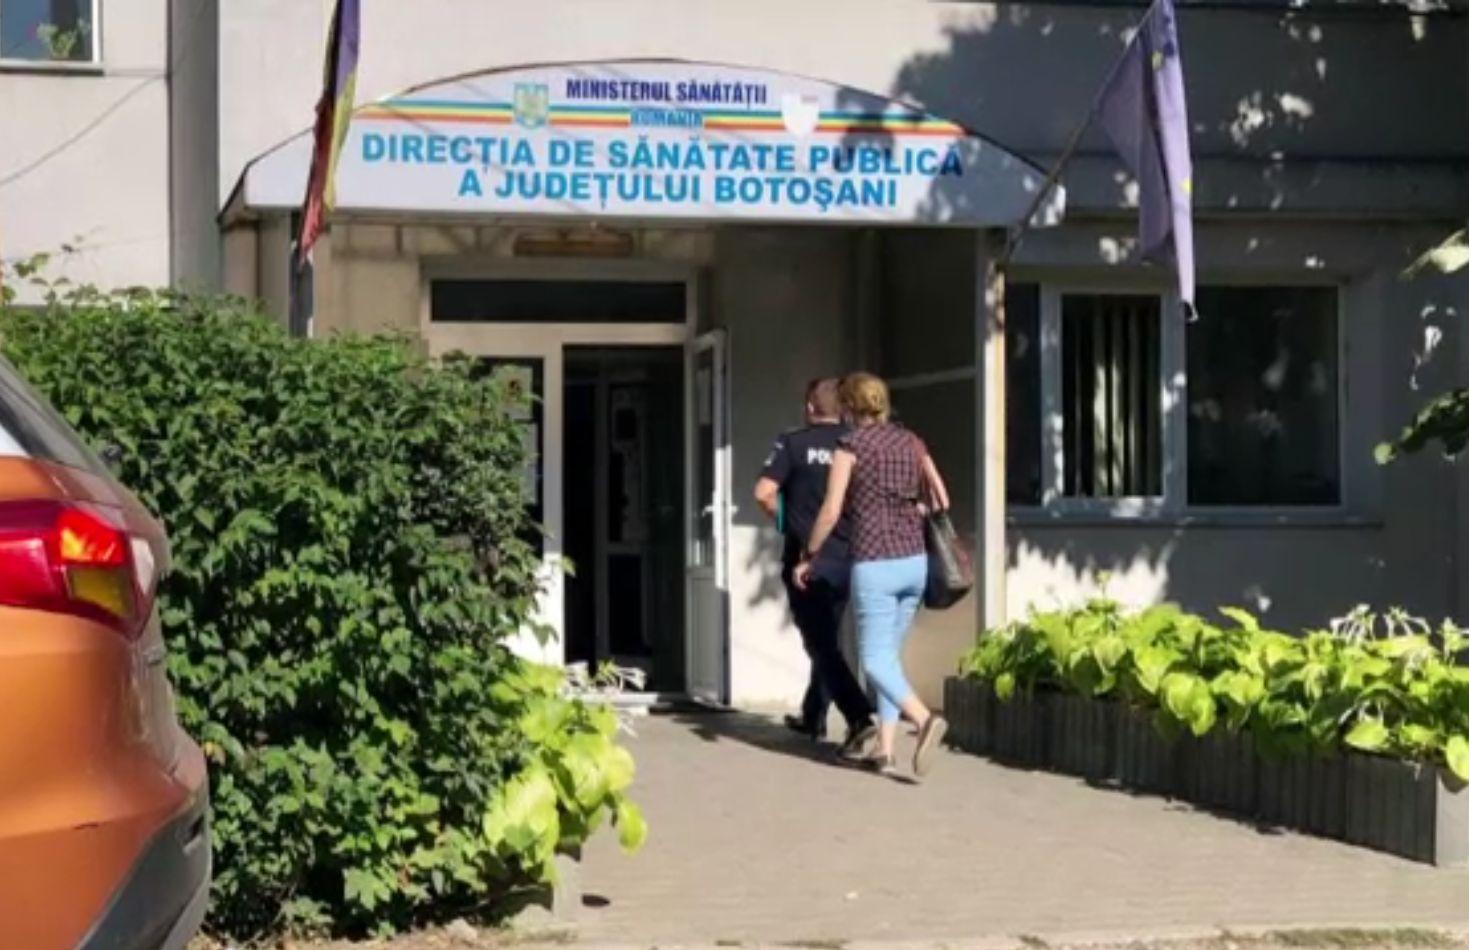 Șefa DSP Botoșani, amenințată și înjurată în birou de un bărbat furios. Era nemulțumit de carantina impusă familiei